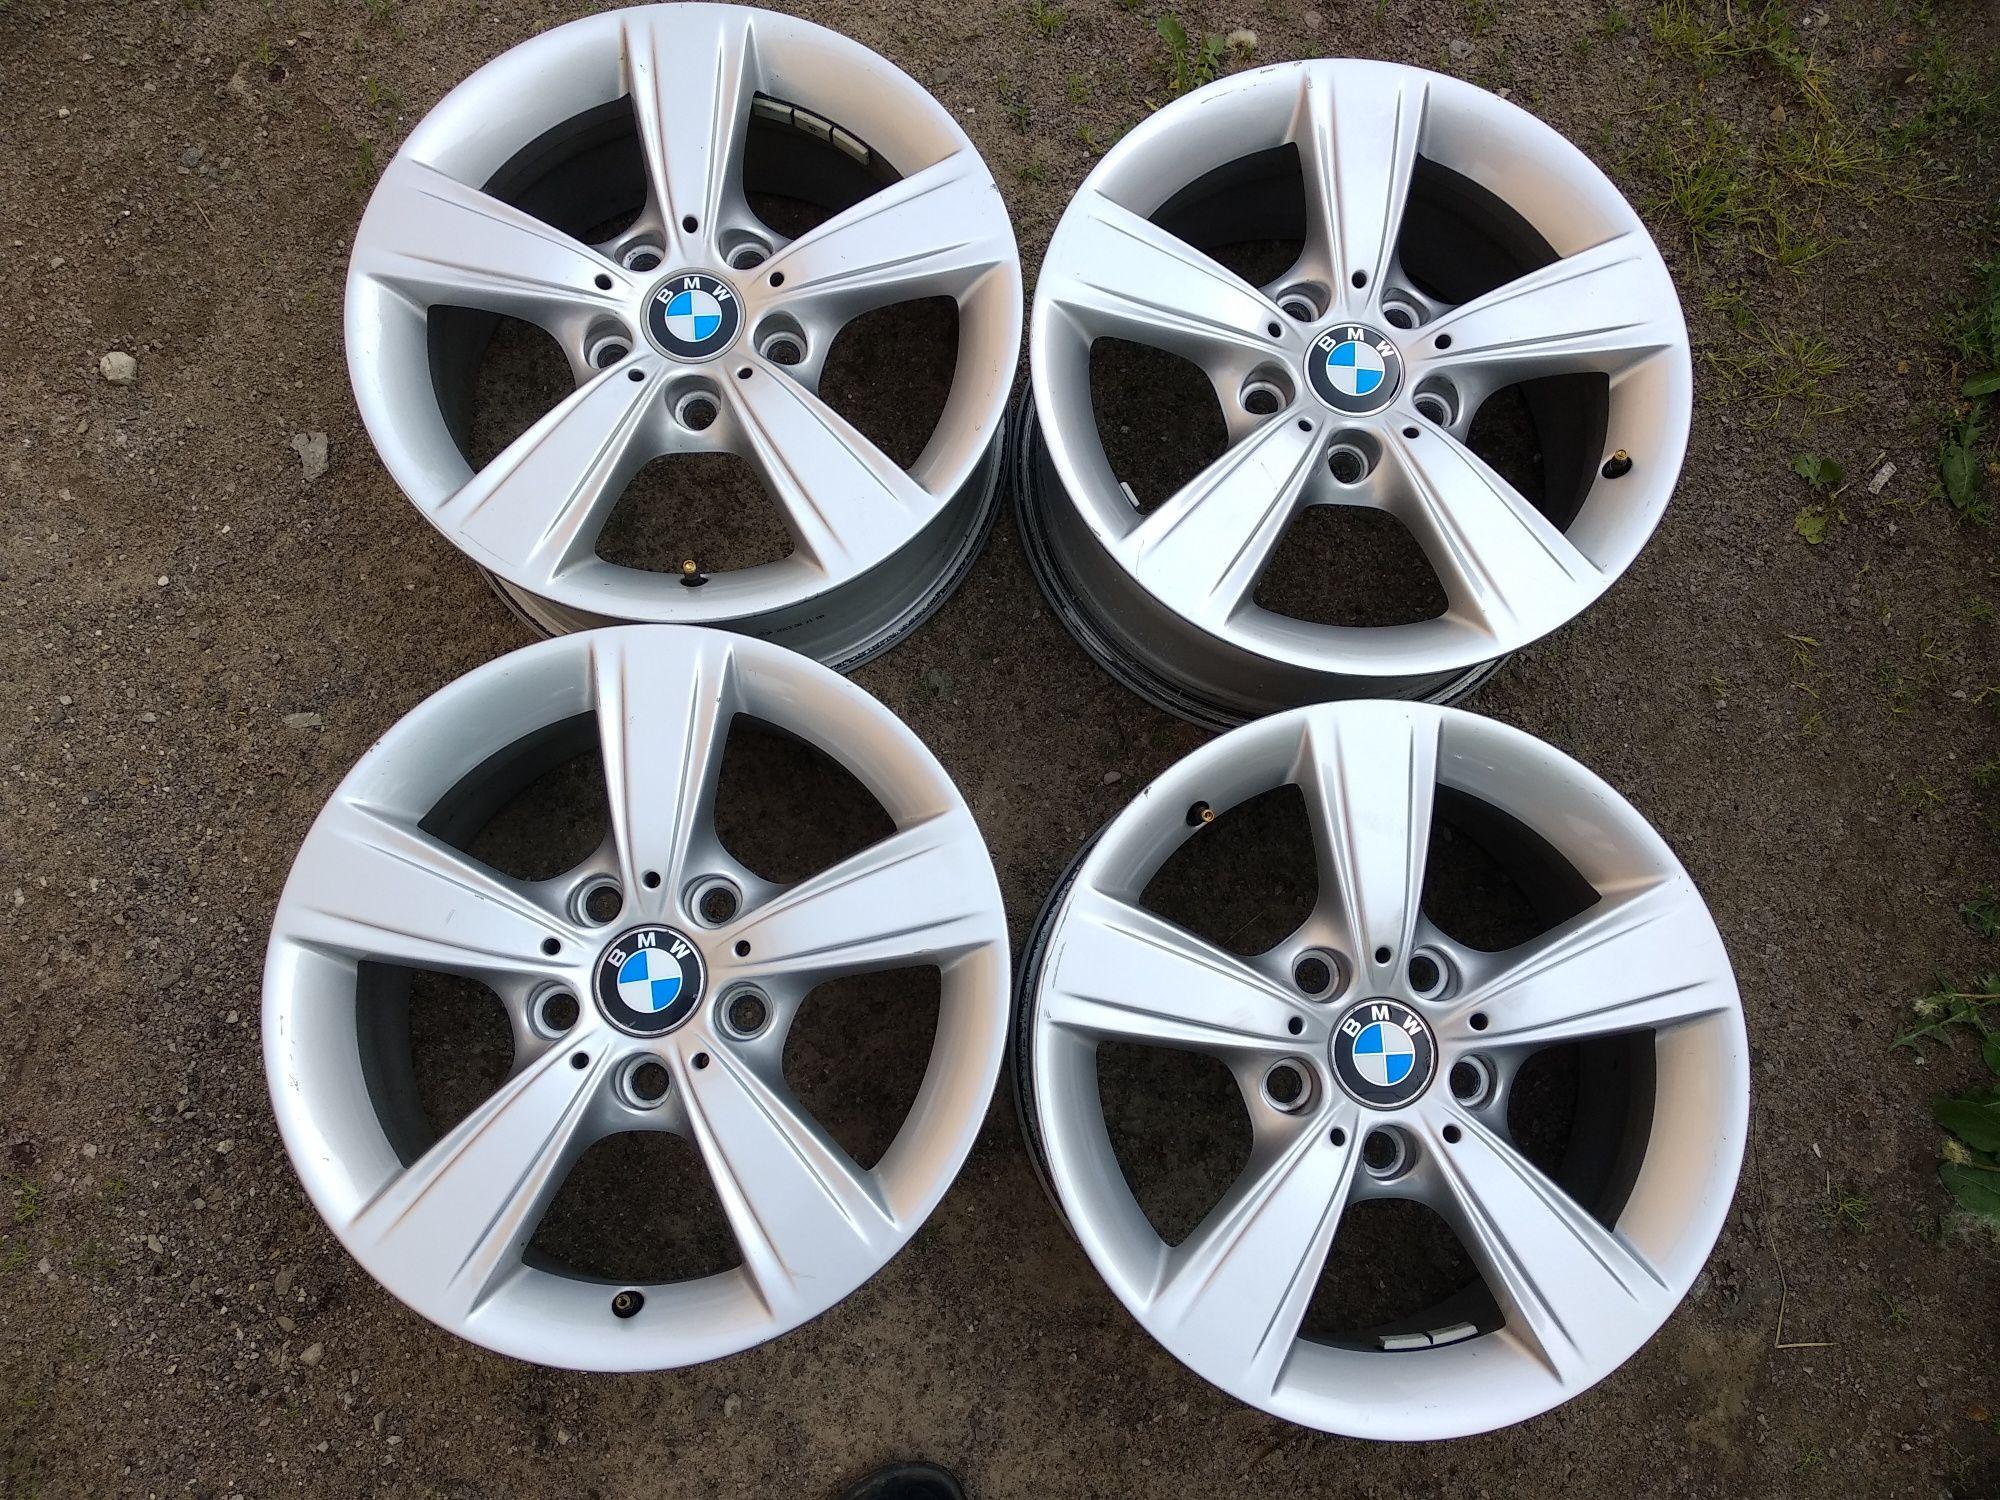 Диски R16 5/120 7J Et 40, Bmw 1, 3, F20, E81, E46, Volkswagen T5